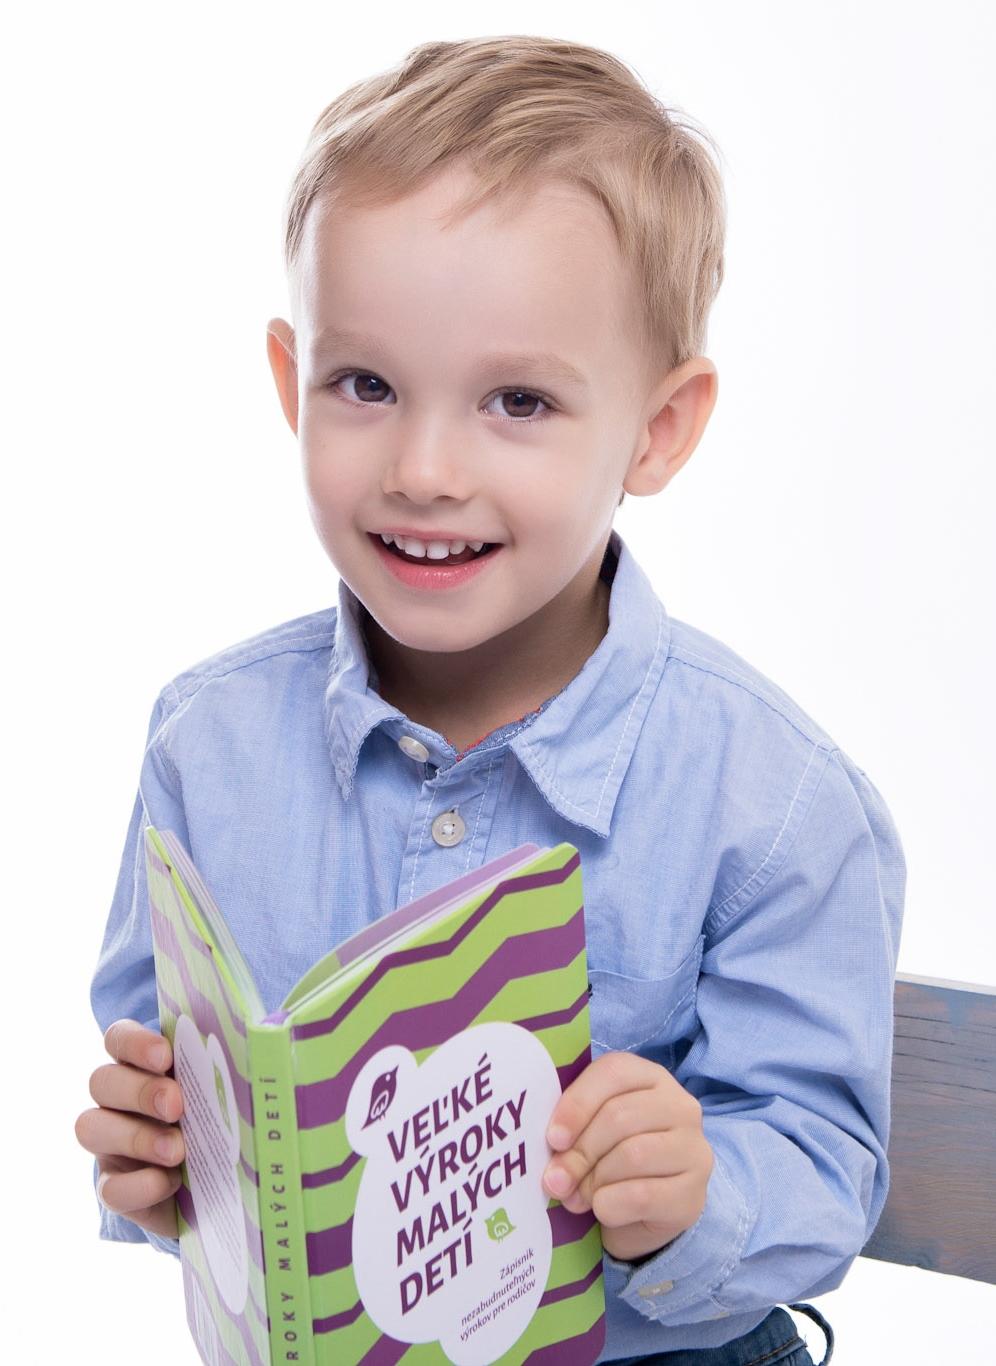 Veľké výroky malých detí – Hudry Hudry e732467e2a